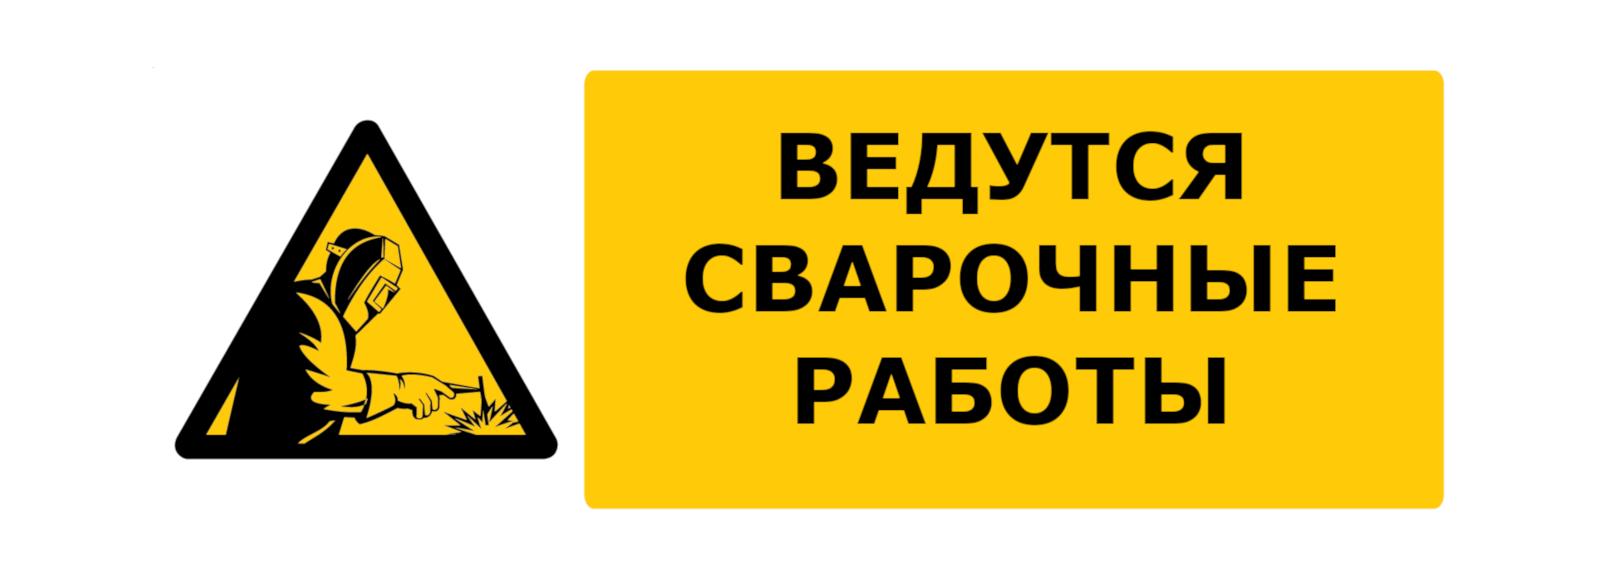 сварочные работы знак безопасности